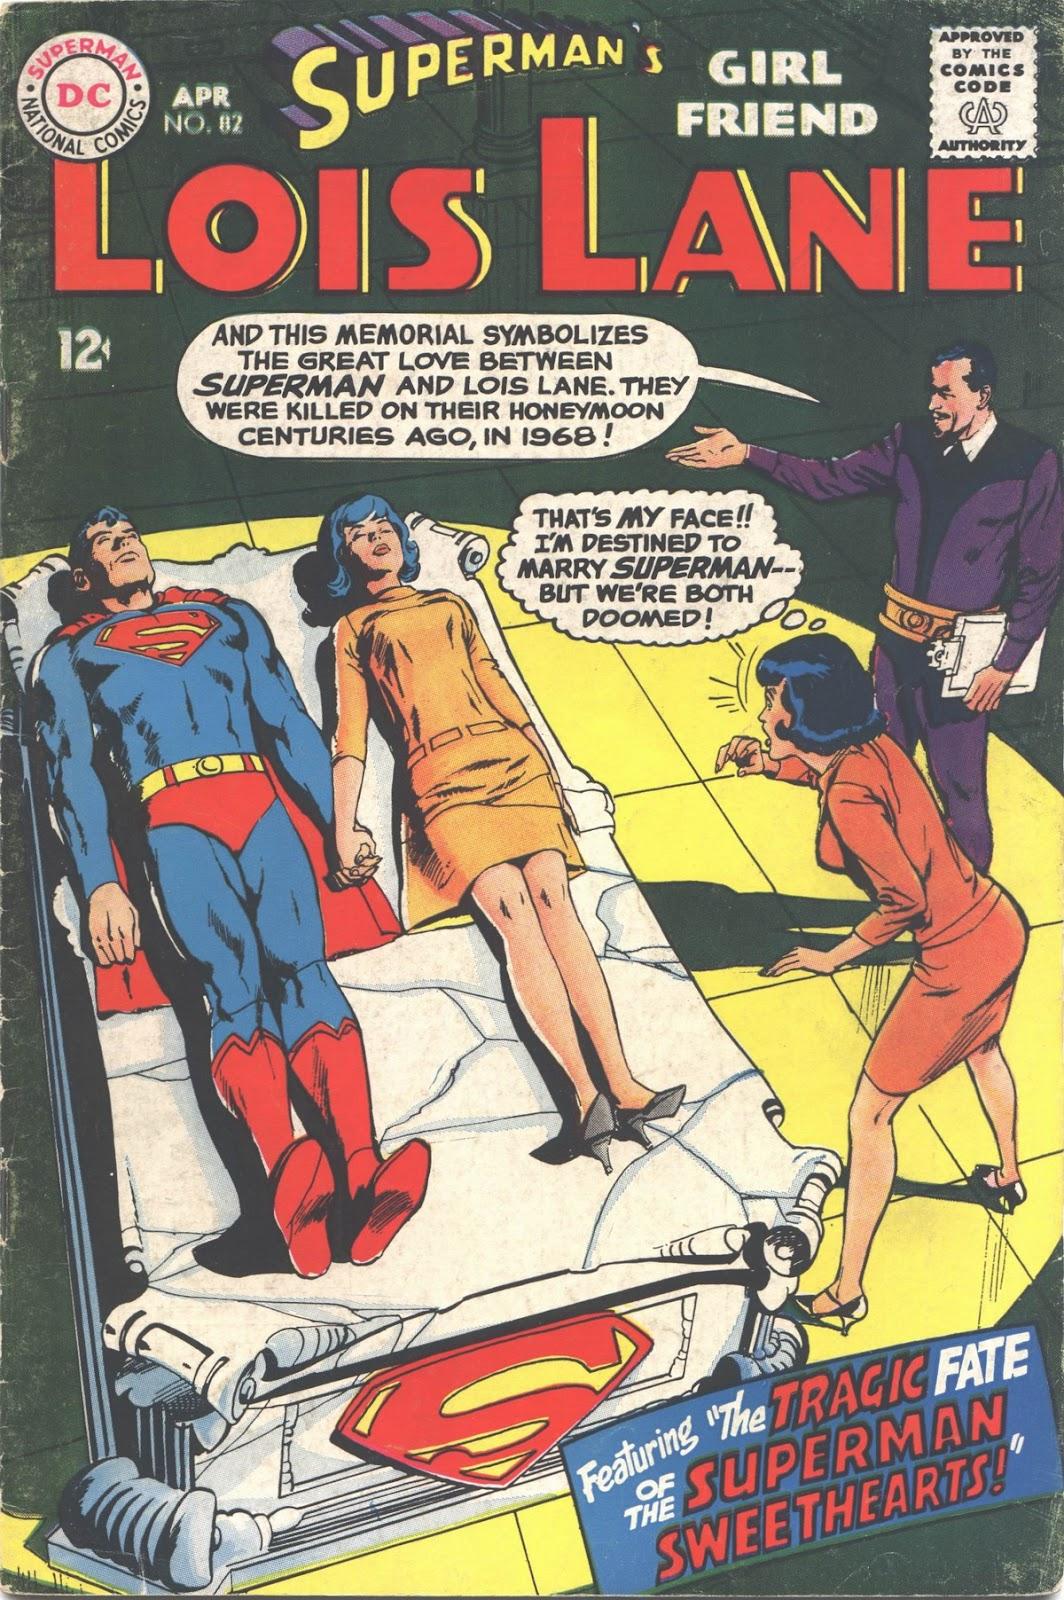 Supermans Girl Friend, Lois Lane 82 Page 1